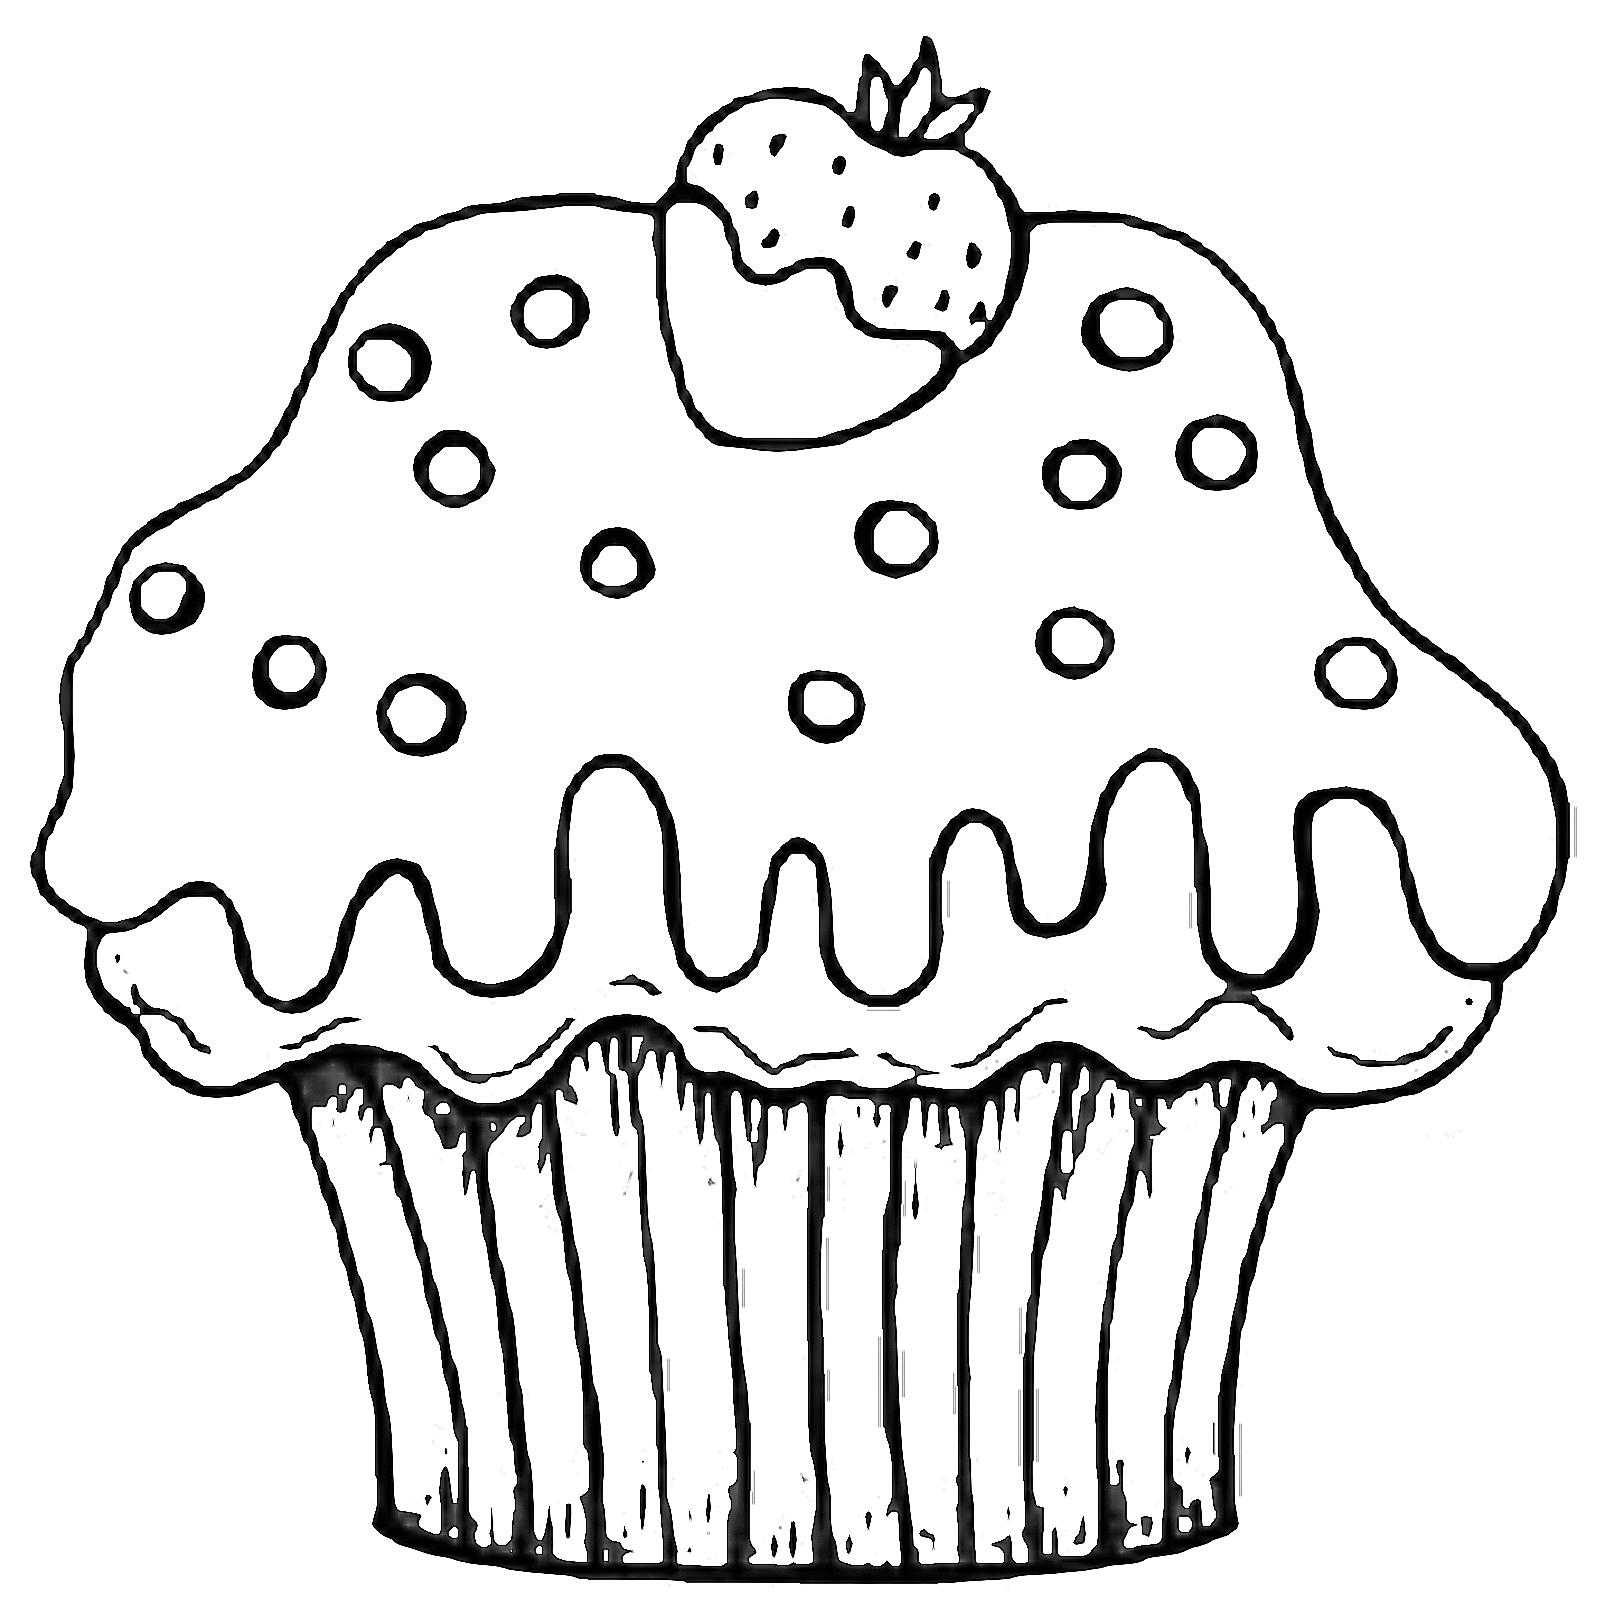 voces cupcakes para colorir